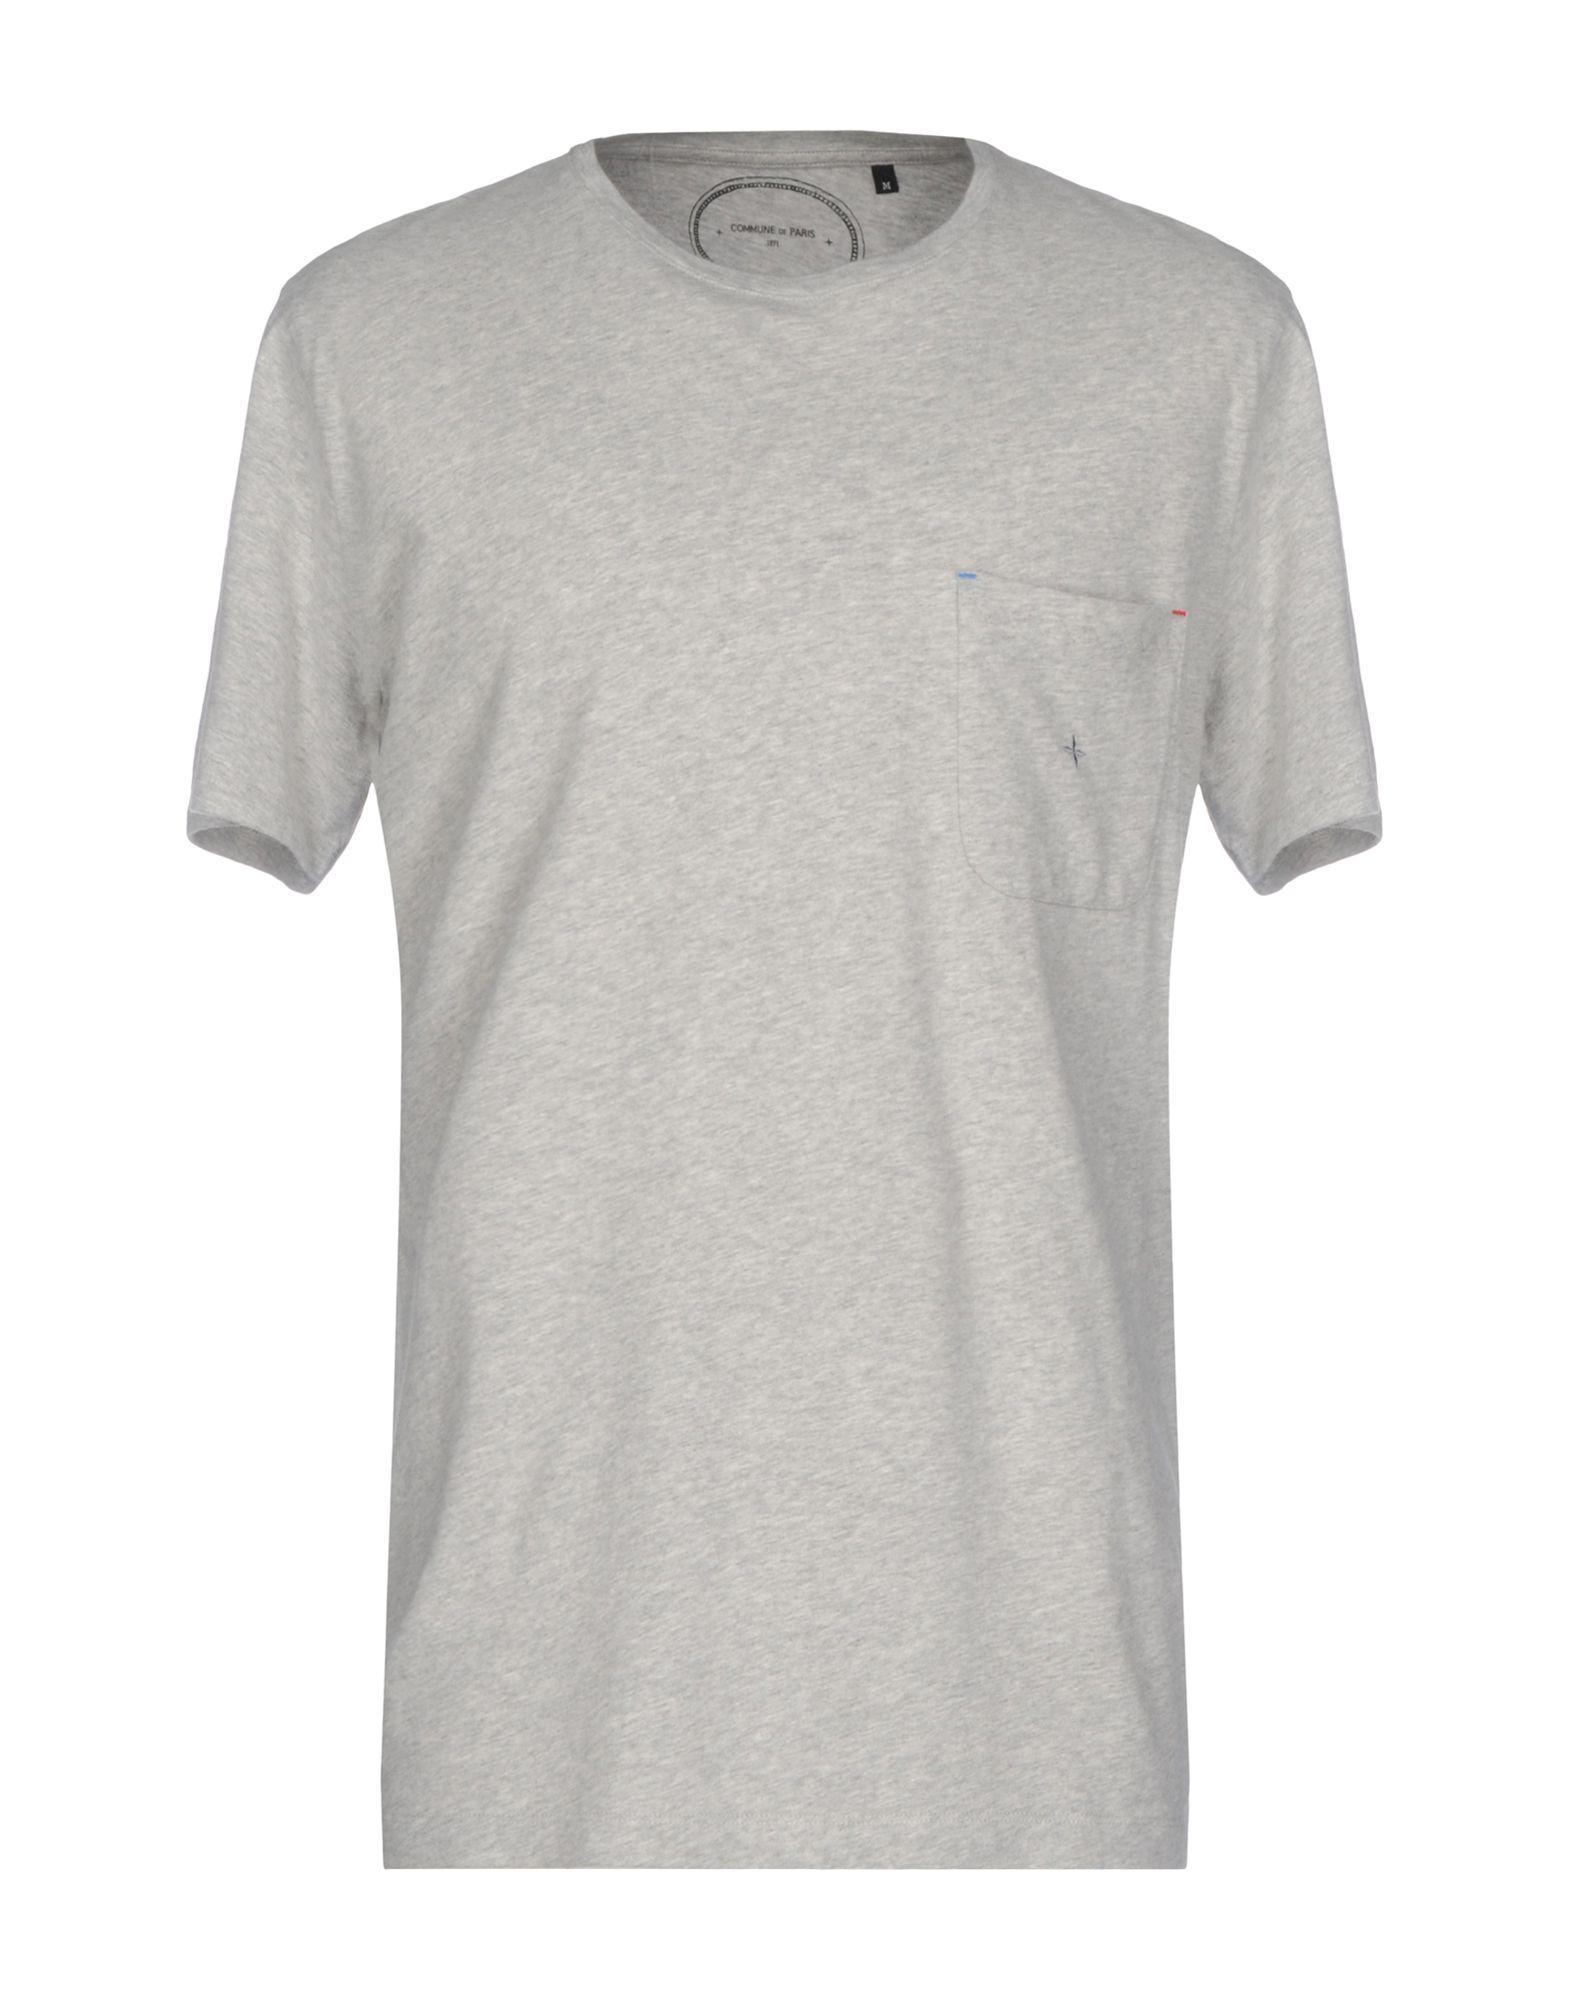 COMMUNE DE PARIS 1871 T-Shirts in Grey